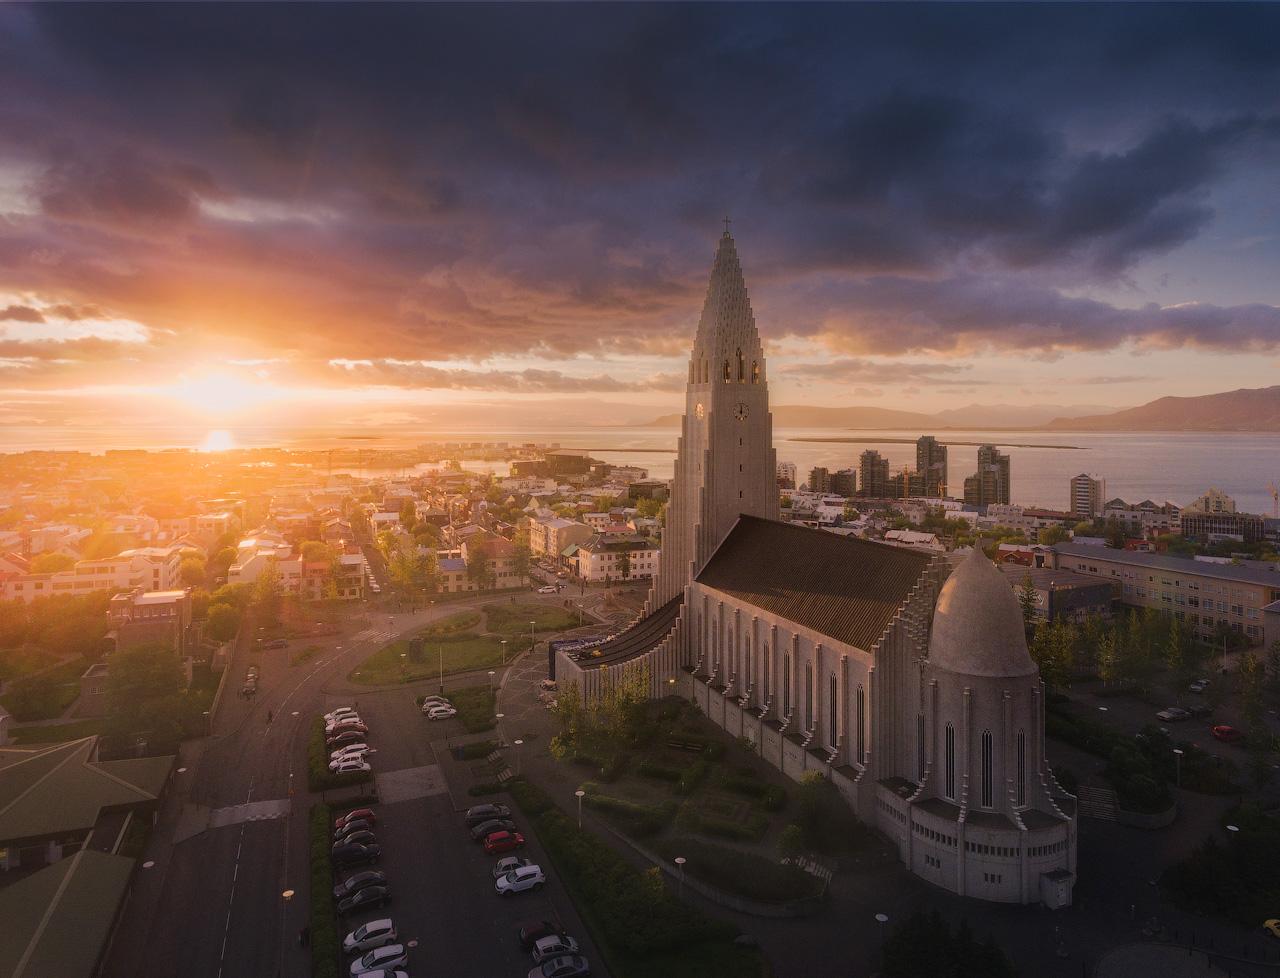 Auch in der Hauptstadt Reykjavik gibt es viel zu sehen und zu fotografieren.